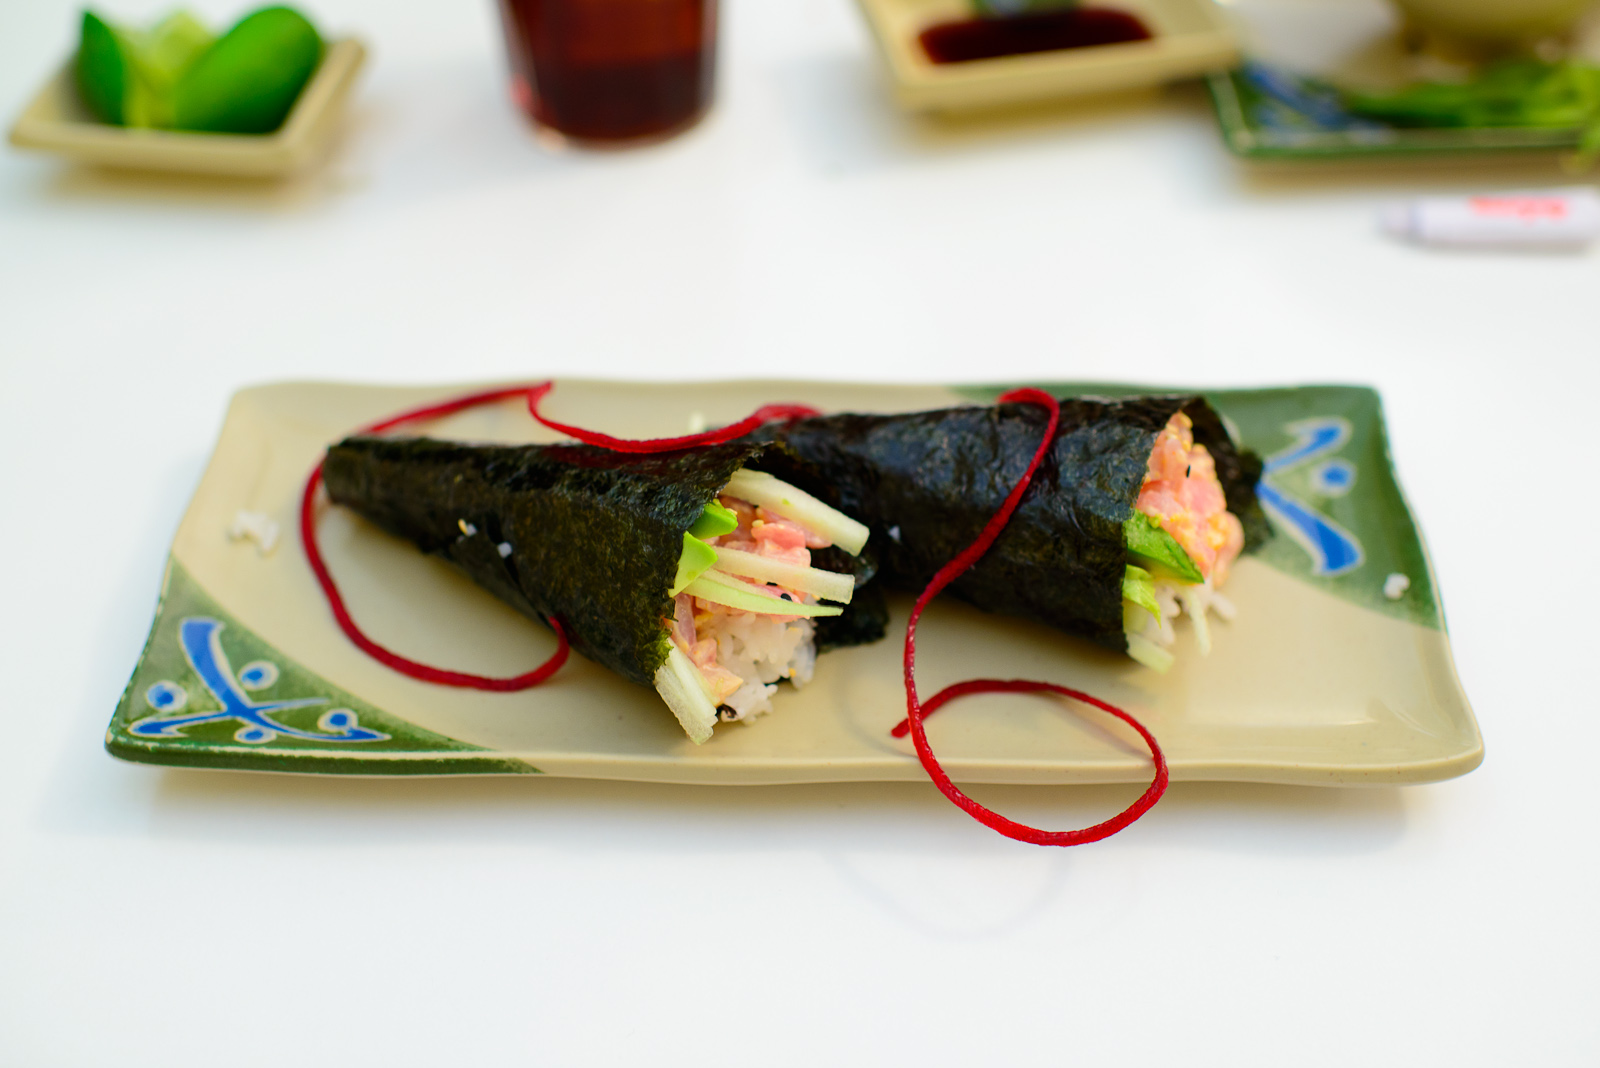 Conos de spicy atún (Spicy tuna rolls)